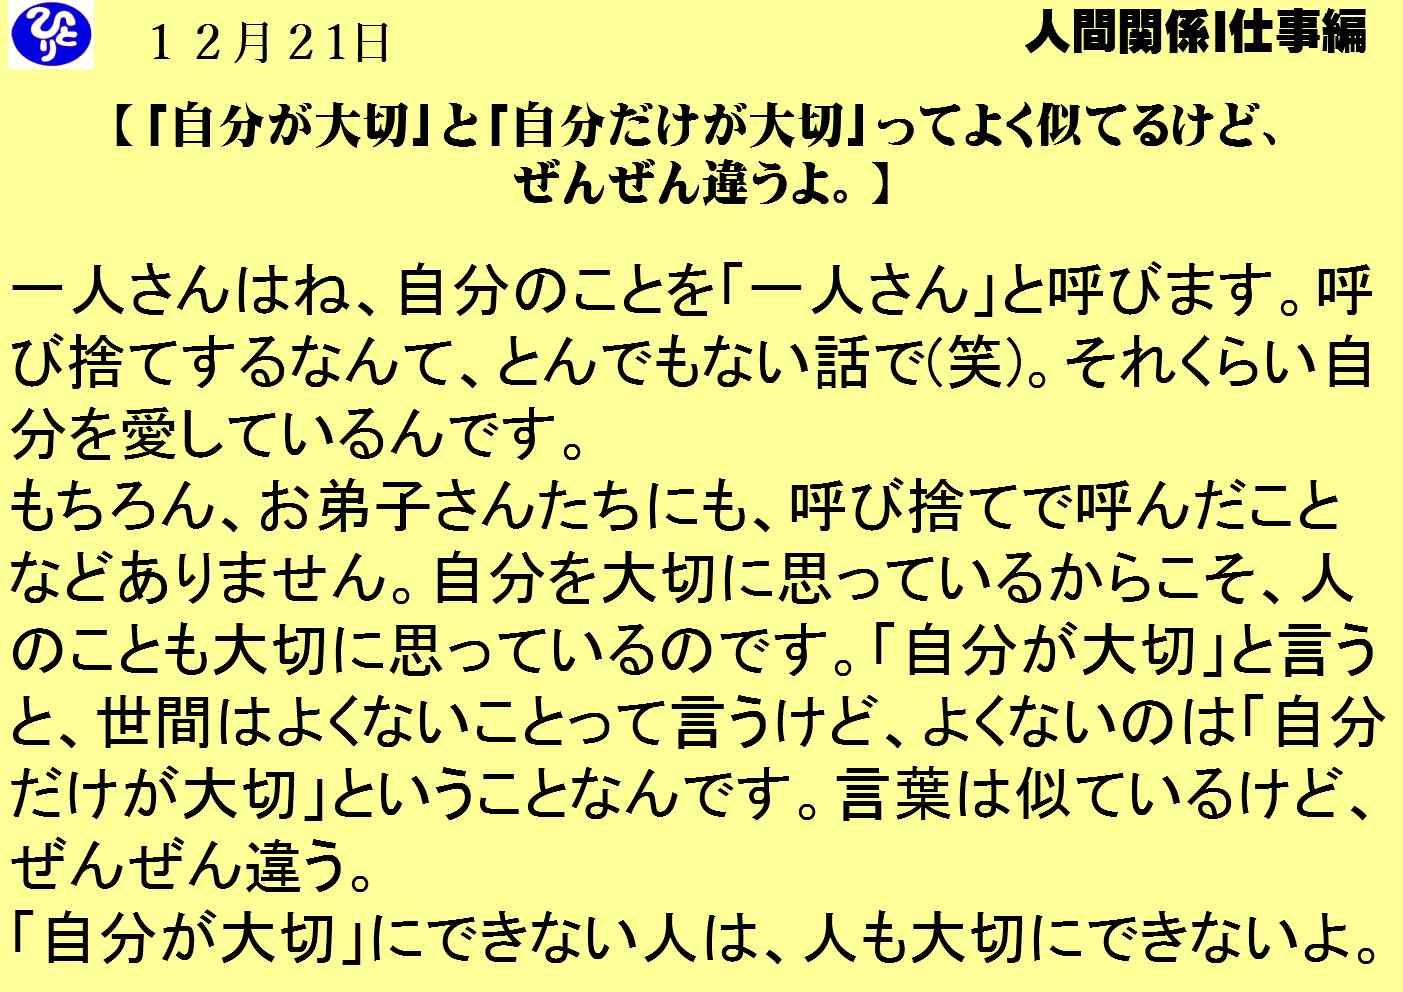 12月21日|「自分が大切」と「自分だけが大切」ってよく似てるけど、ぜんぜん違うよ。|仕事一日一語斎藤一人|人間関係